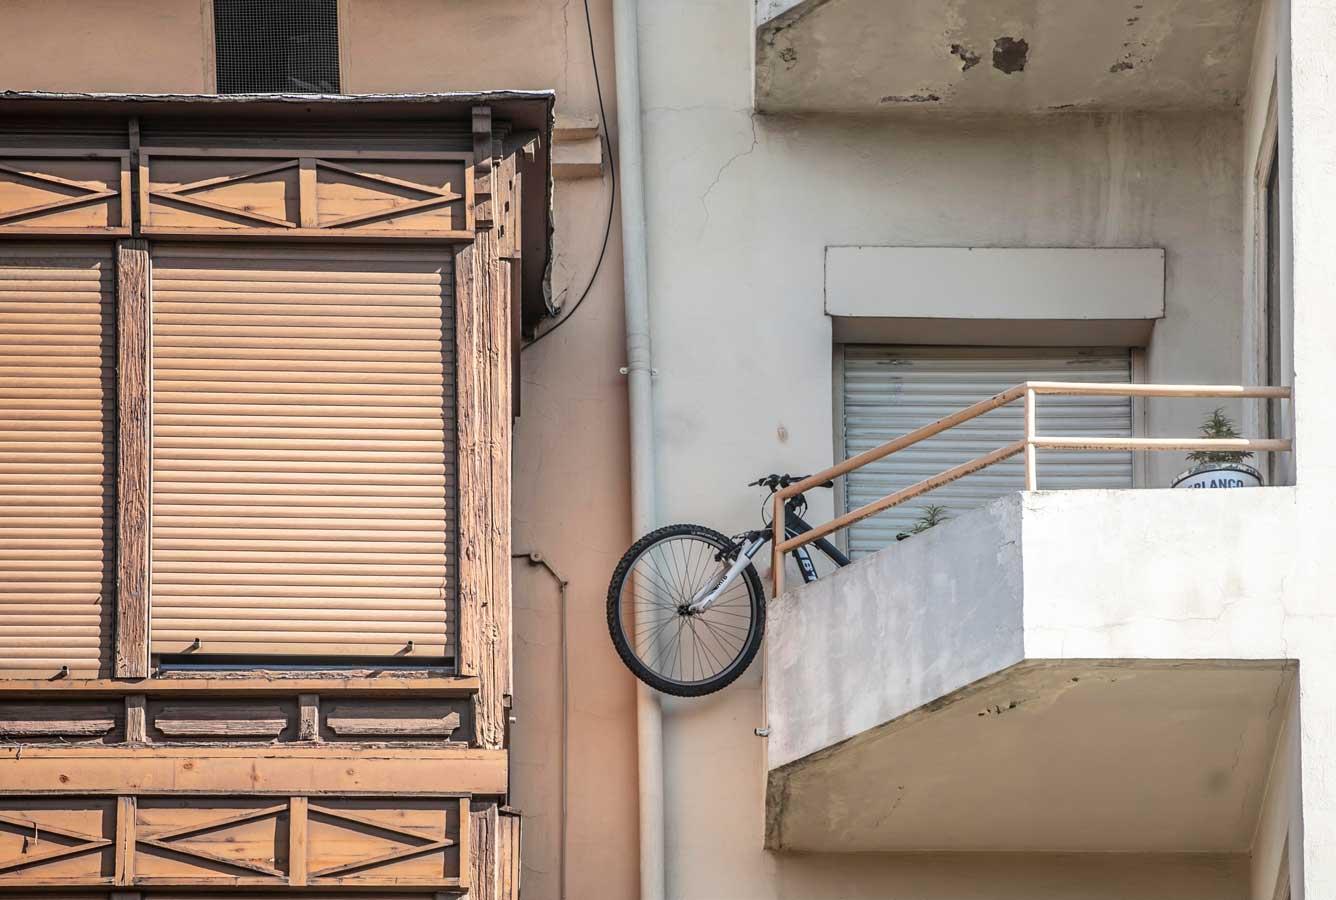 La rueda delantera de la bicicleta se asoma por el balcón, rebasando la barandilla. Como si fuera una vecina más del barrio. Pero una vecina todo terreno.